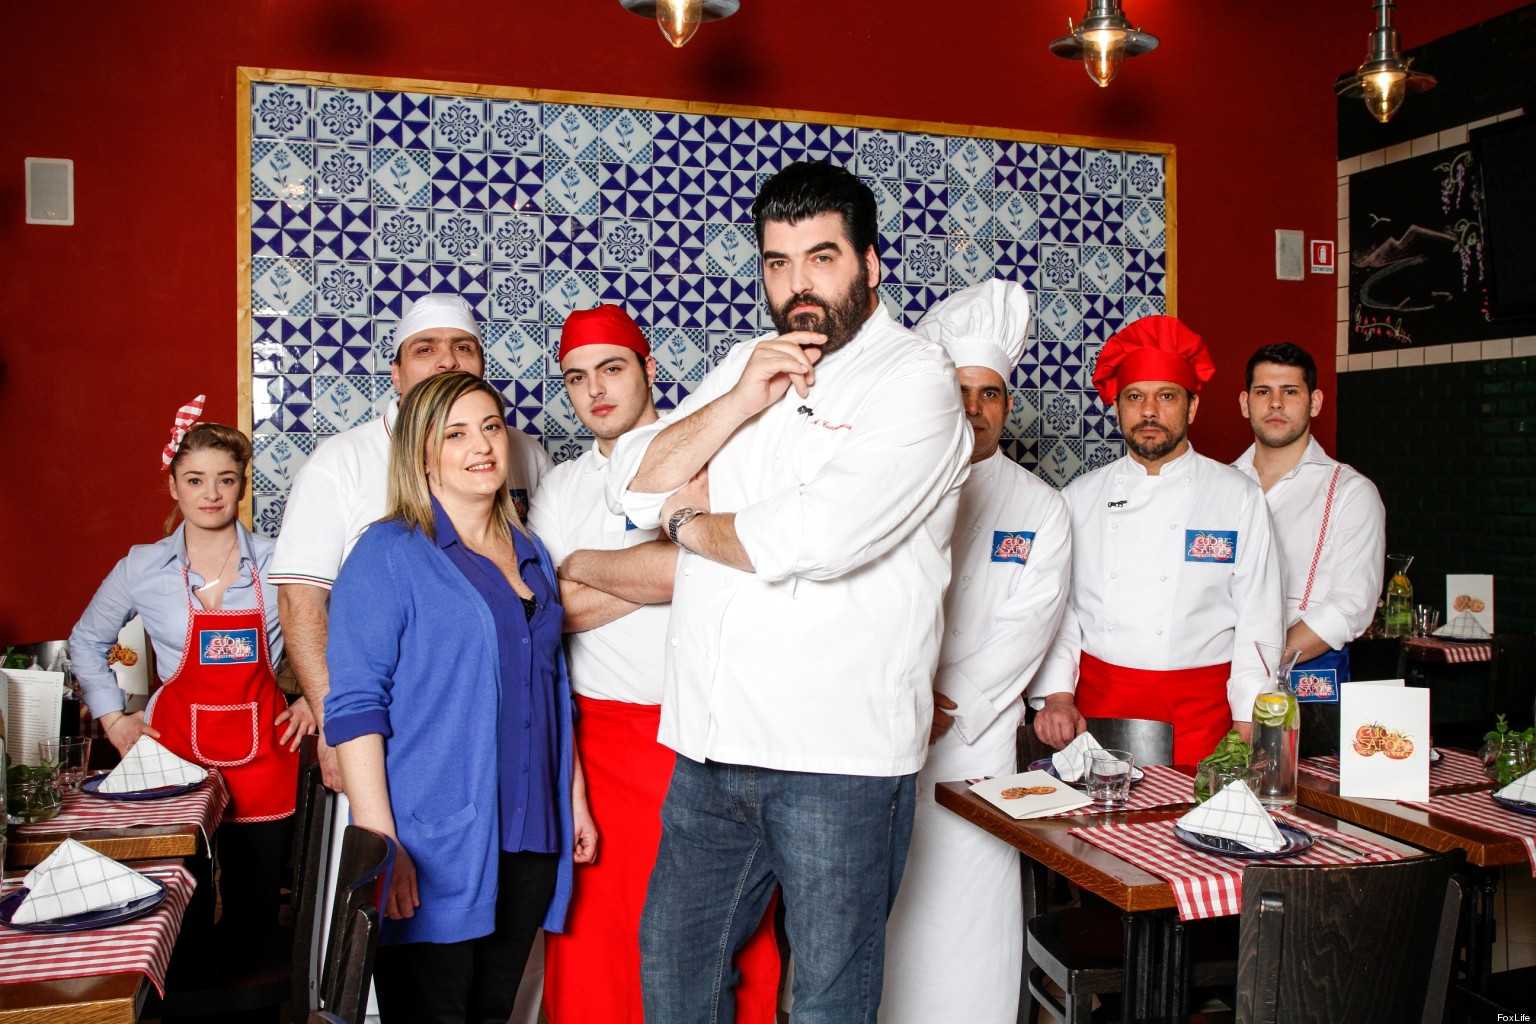 Cucine da incubo arriva in italia la produzione foxlife che aiuta i ristoranti a rimettersi in - Cucine da incubo italia ...